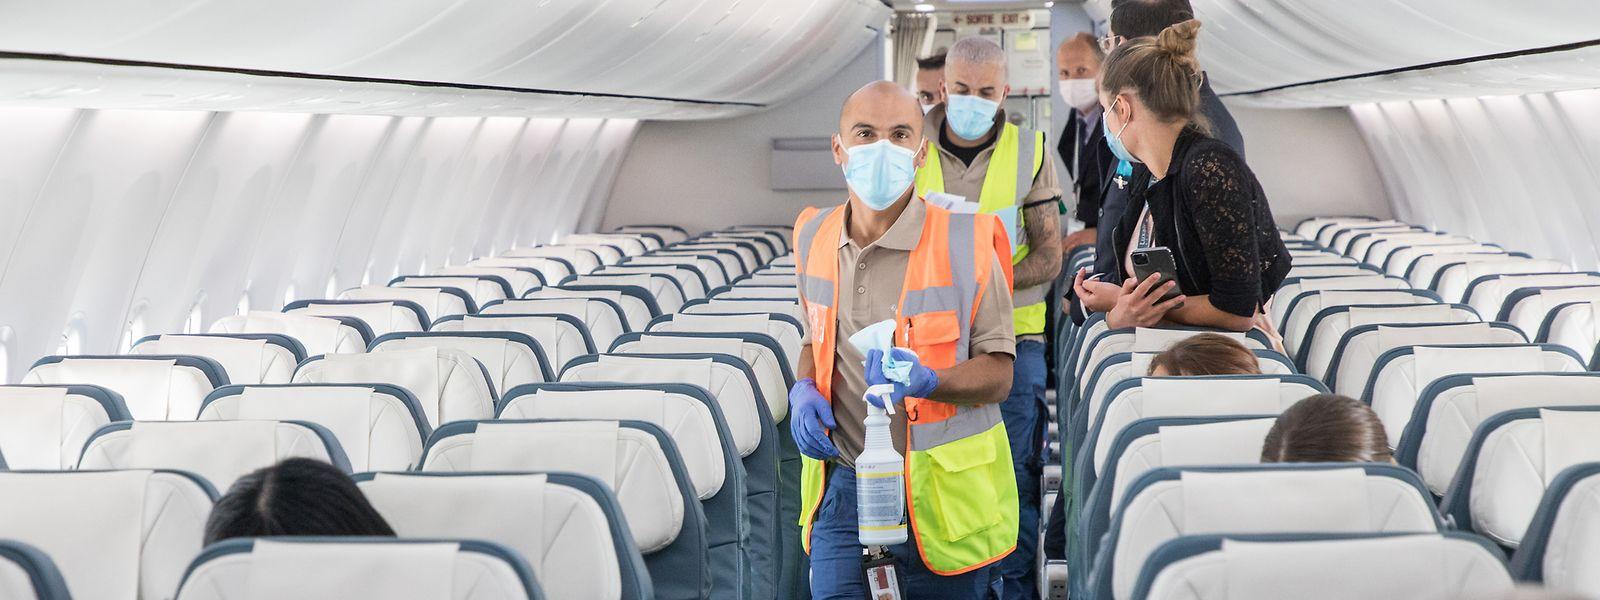 Pour l'heure, la priorité est d'assurer la qualité sanitaire des vols sur la compagnie nationale.